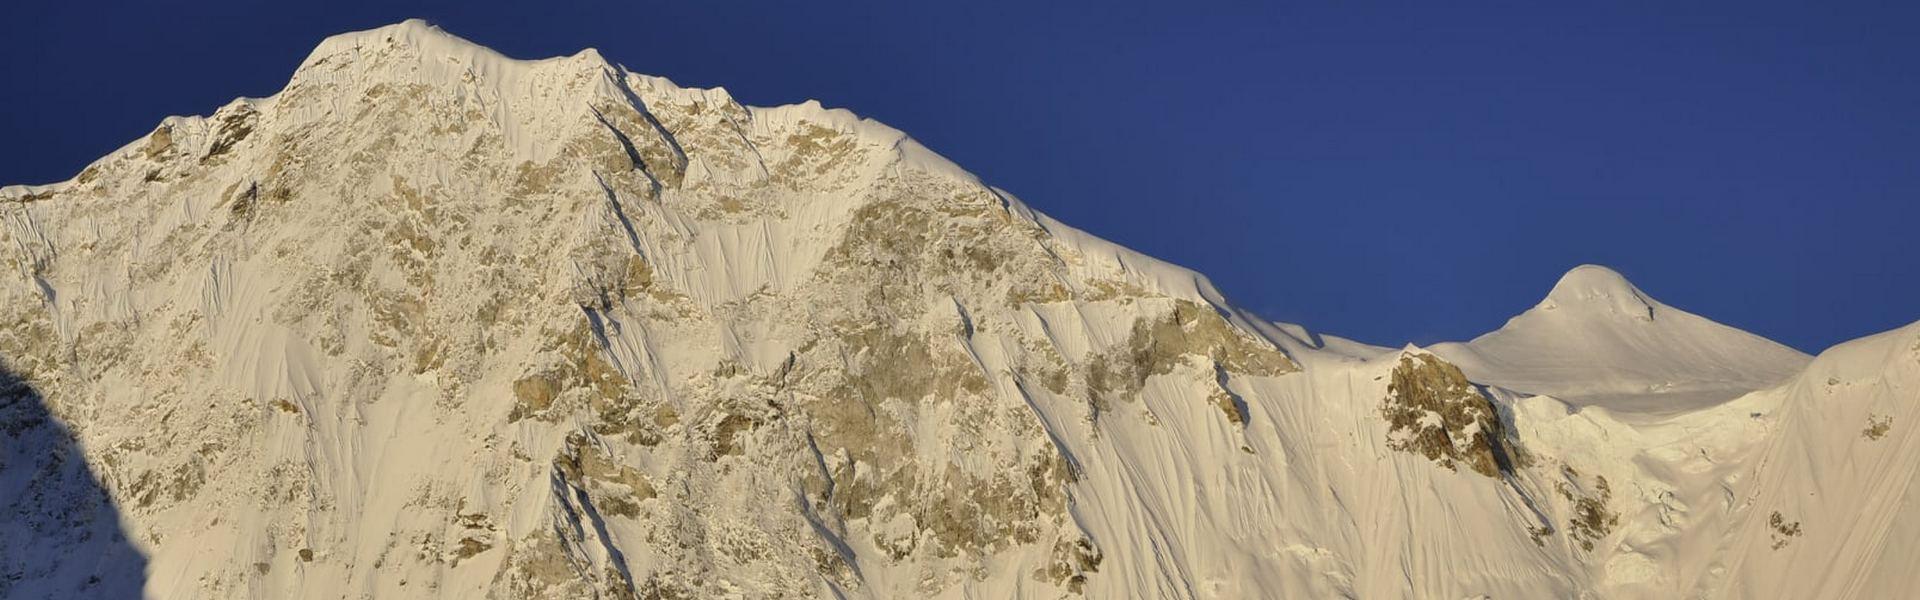 Drámai mászás: Az első nap után tudtuk, hogy nincs visszaút